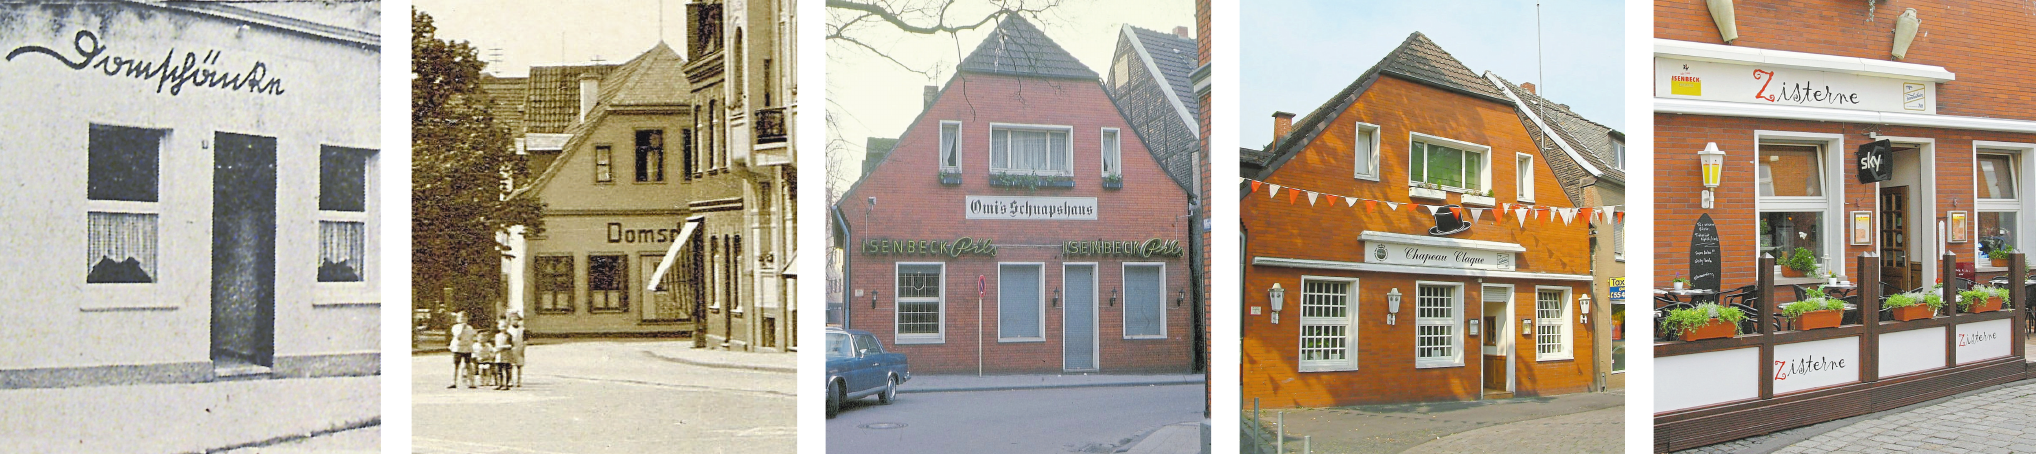 """Von der """"Domschänke"""" über """"Omis Schnapshaus"""" und """"Chapeau Claque"""" bis hin zur """"Zisterne"""". Den aktuellen Namen hat die Gaststätte seit 15 Jahren. Fotos: Archiv / Christian Wolff"""